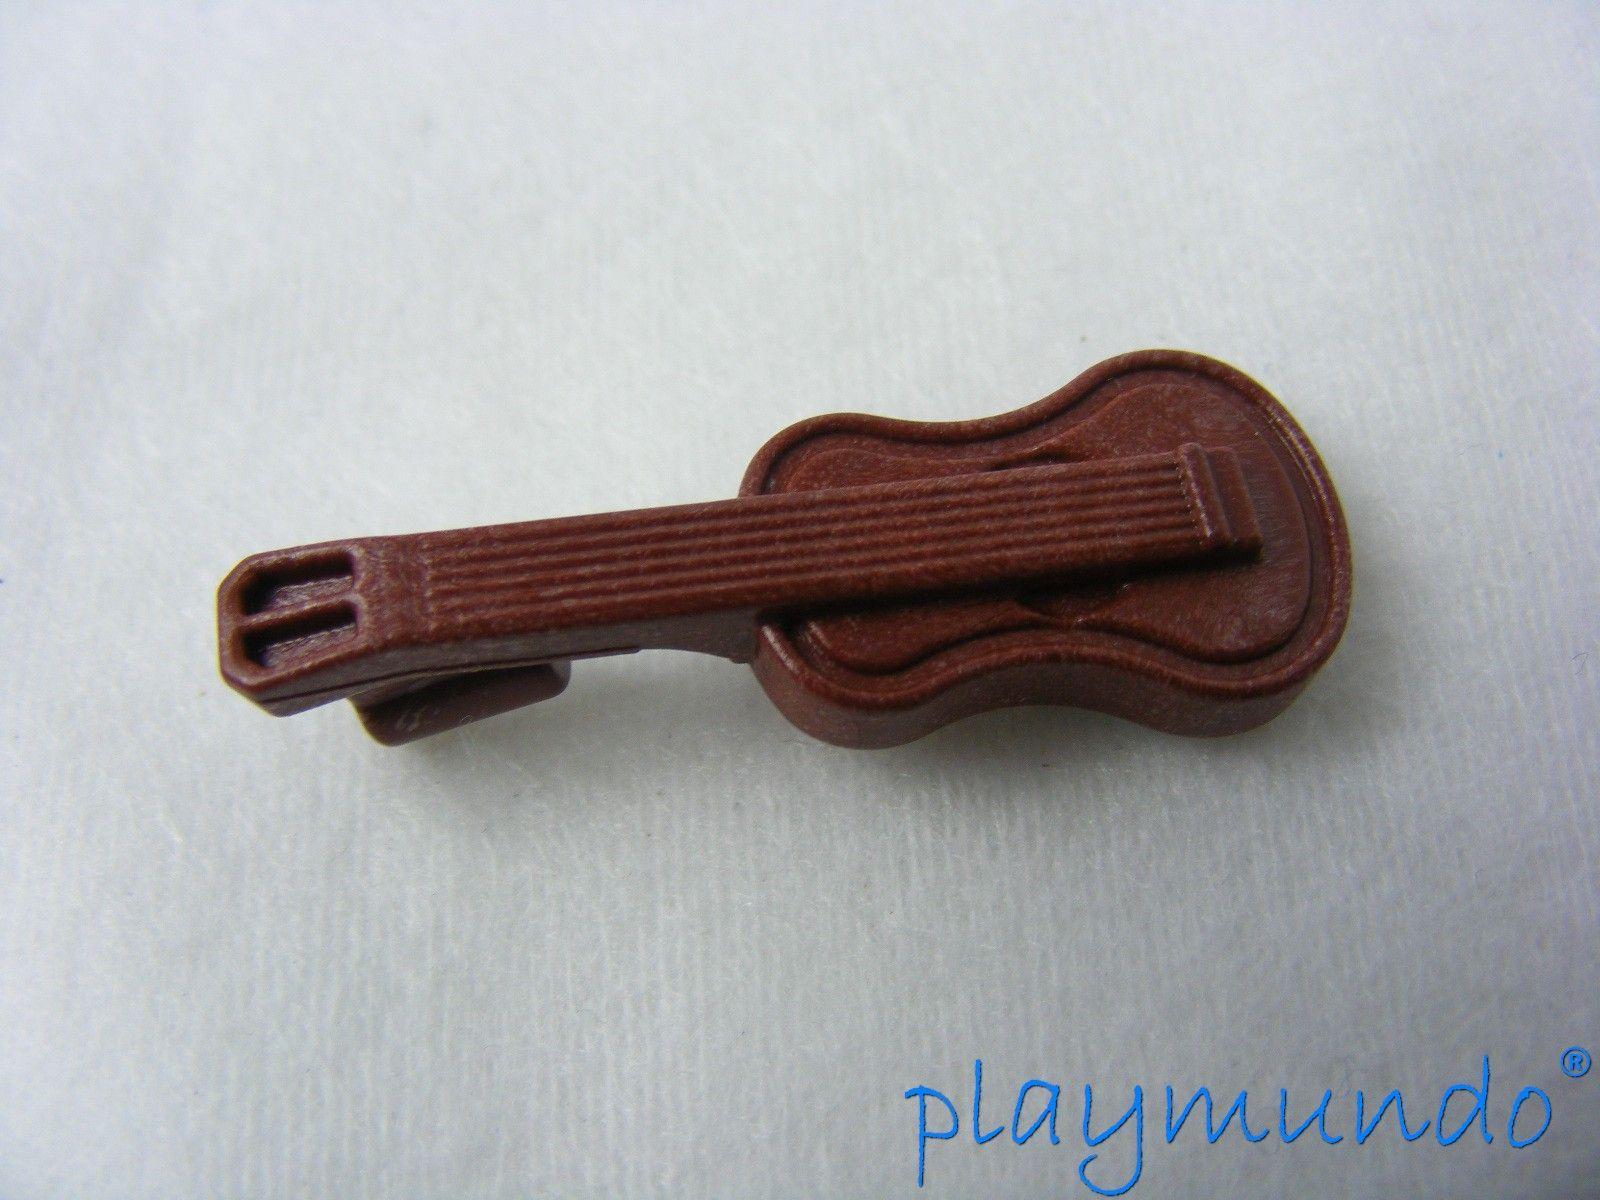 PLAYMOBIL INSTRUMENTOS MUSICALES UKELELE